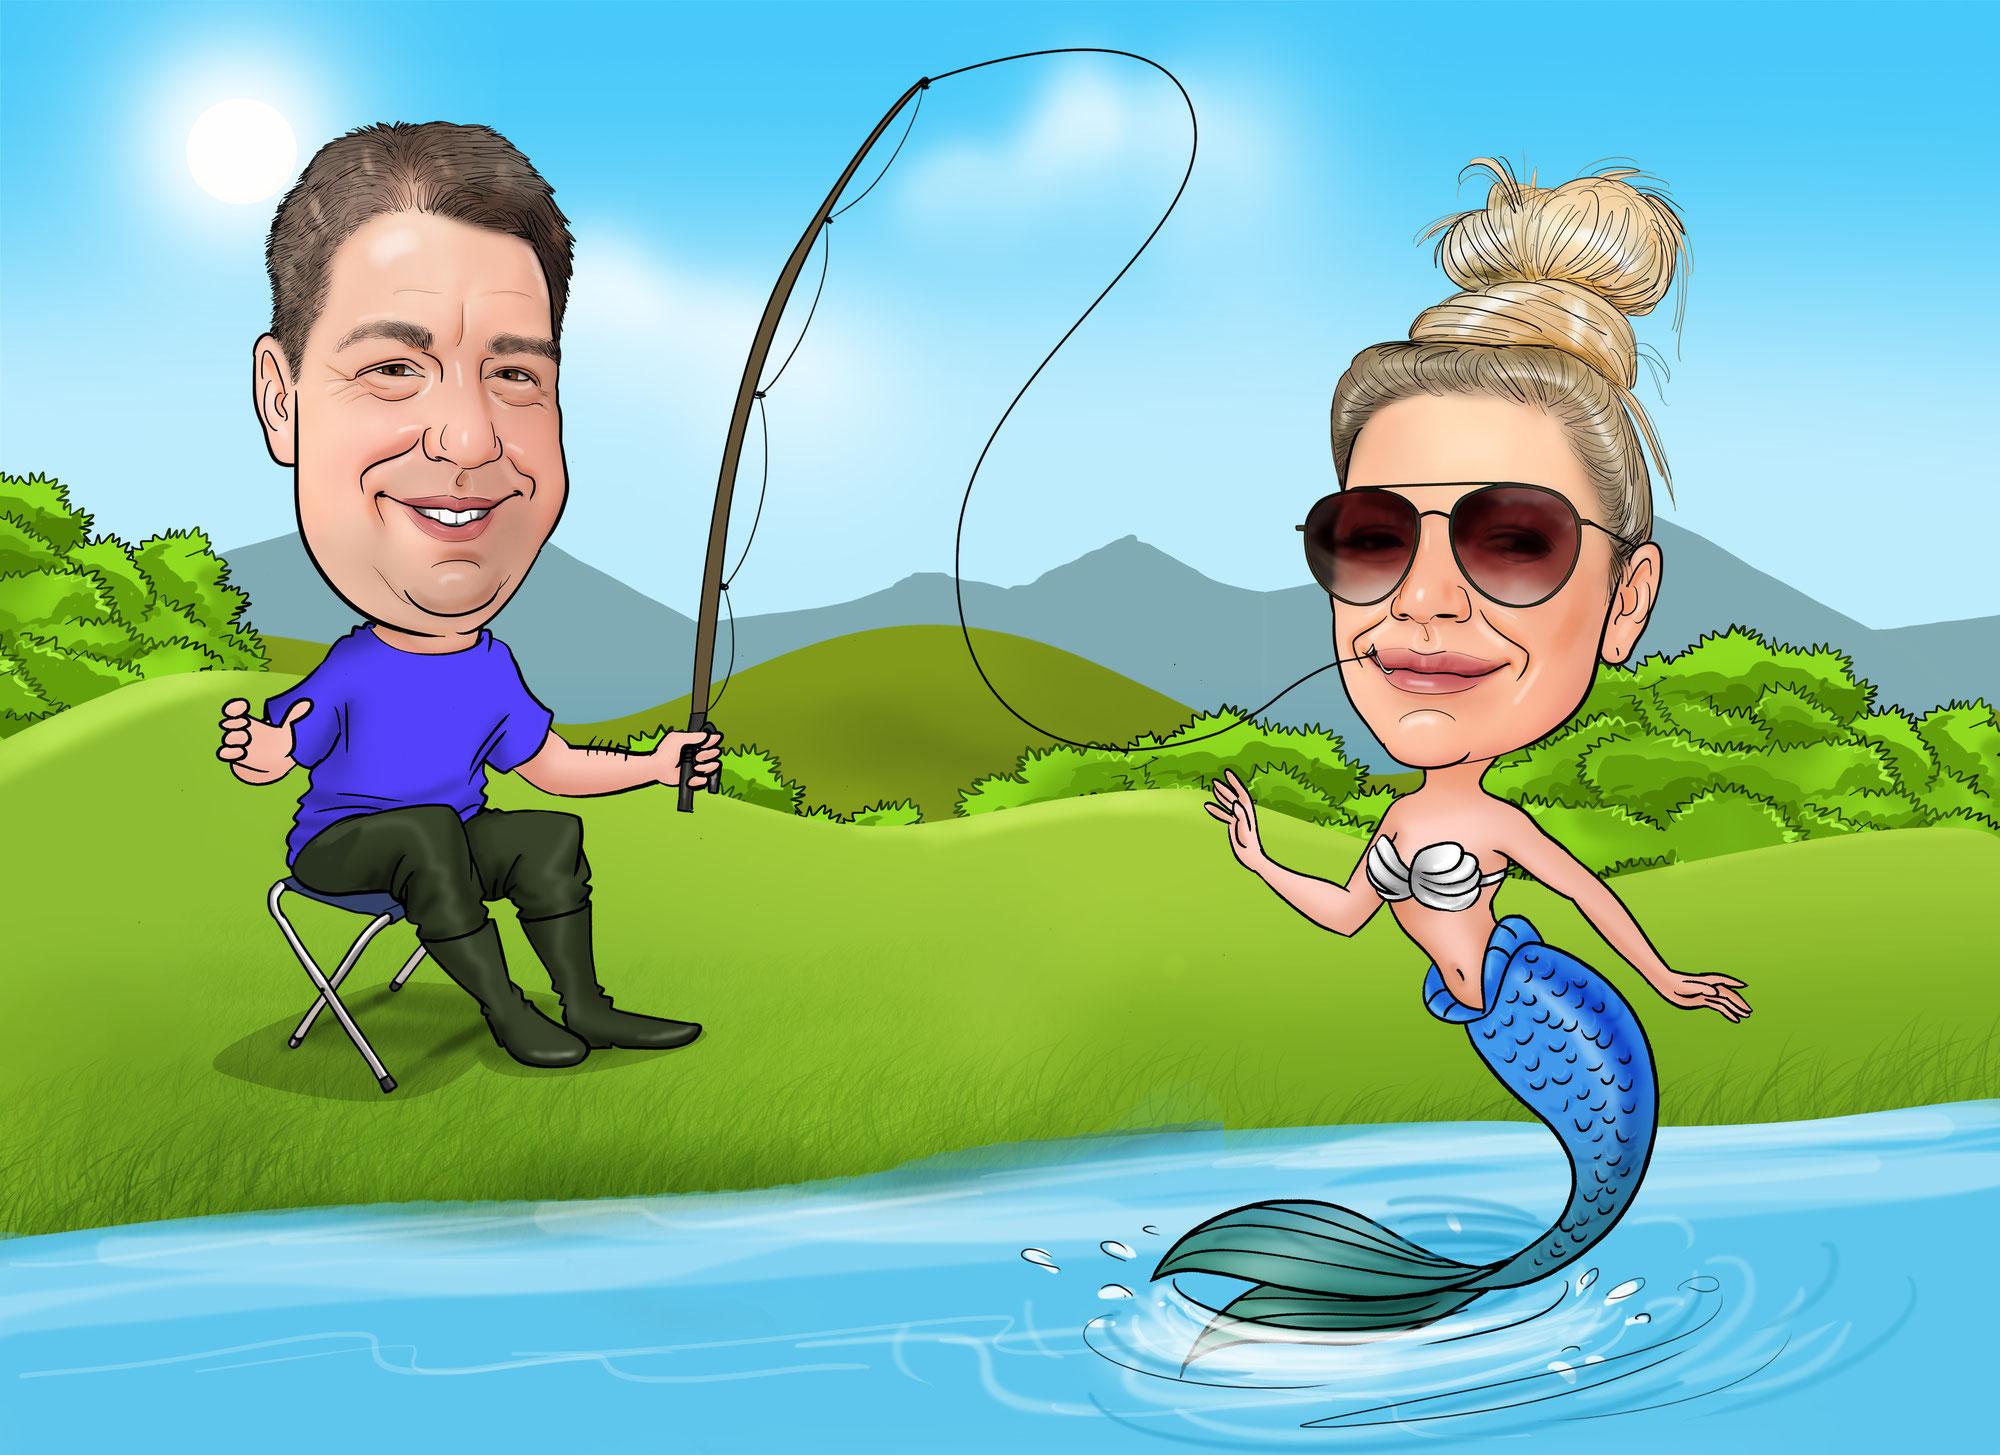 Karikatur vom Foto zeichnen lassen, Angler, Fisch, Nixe, Date, Liebe